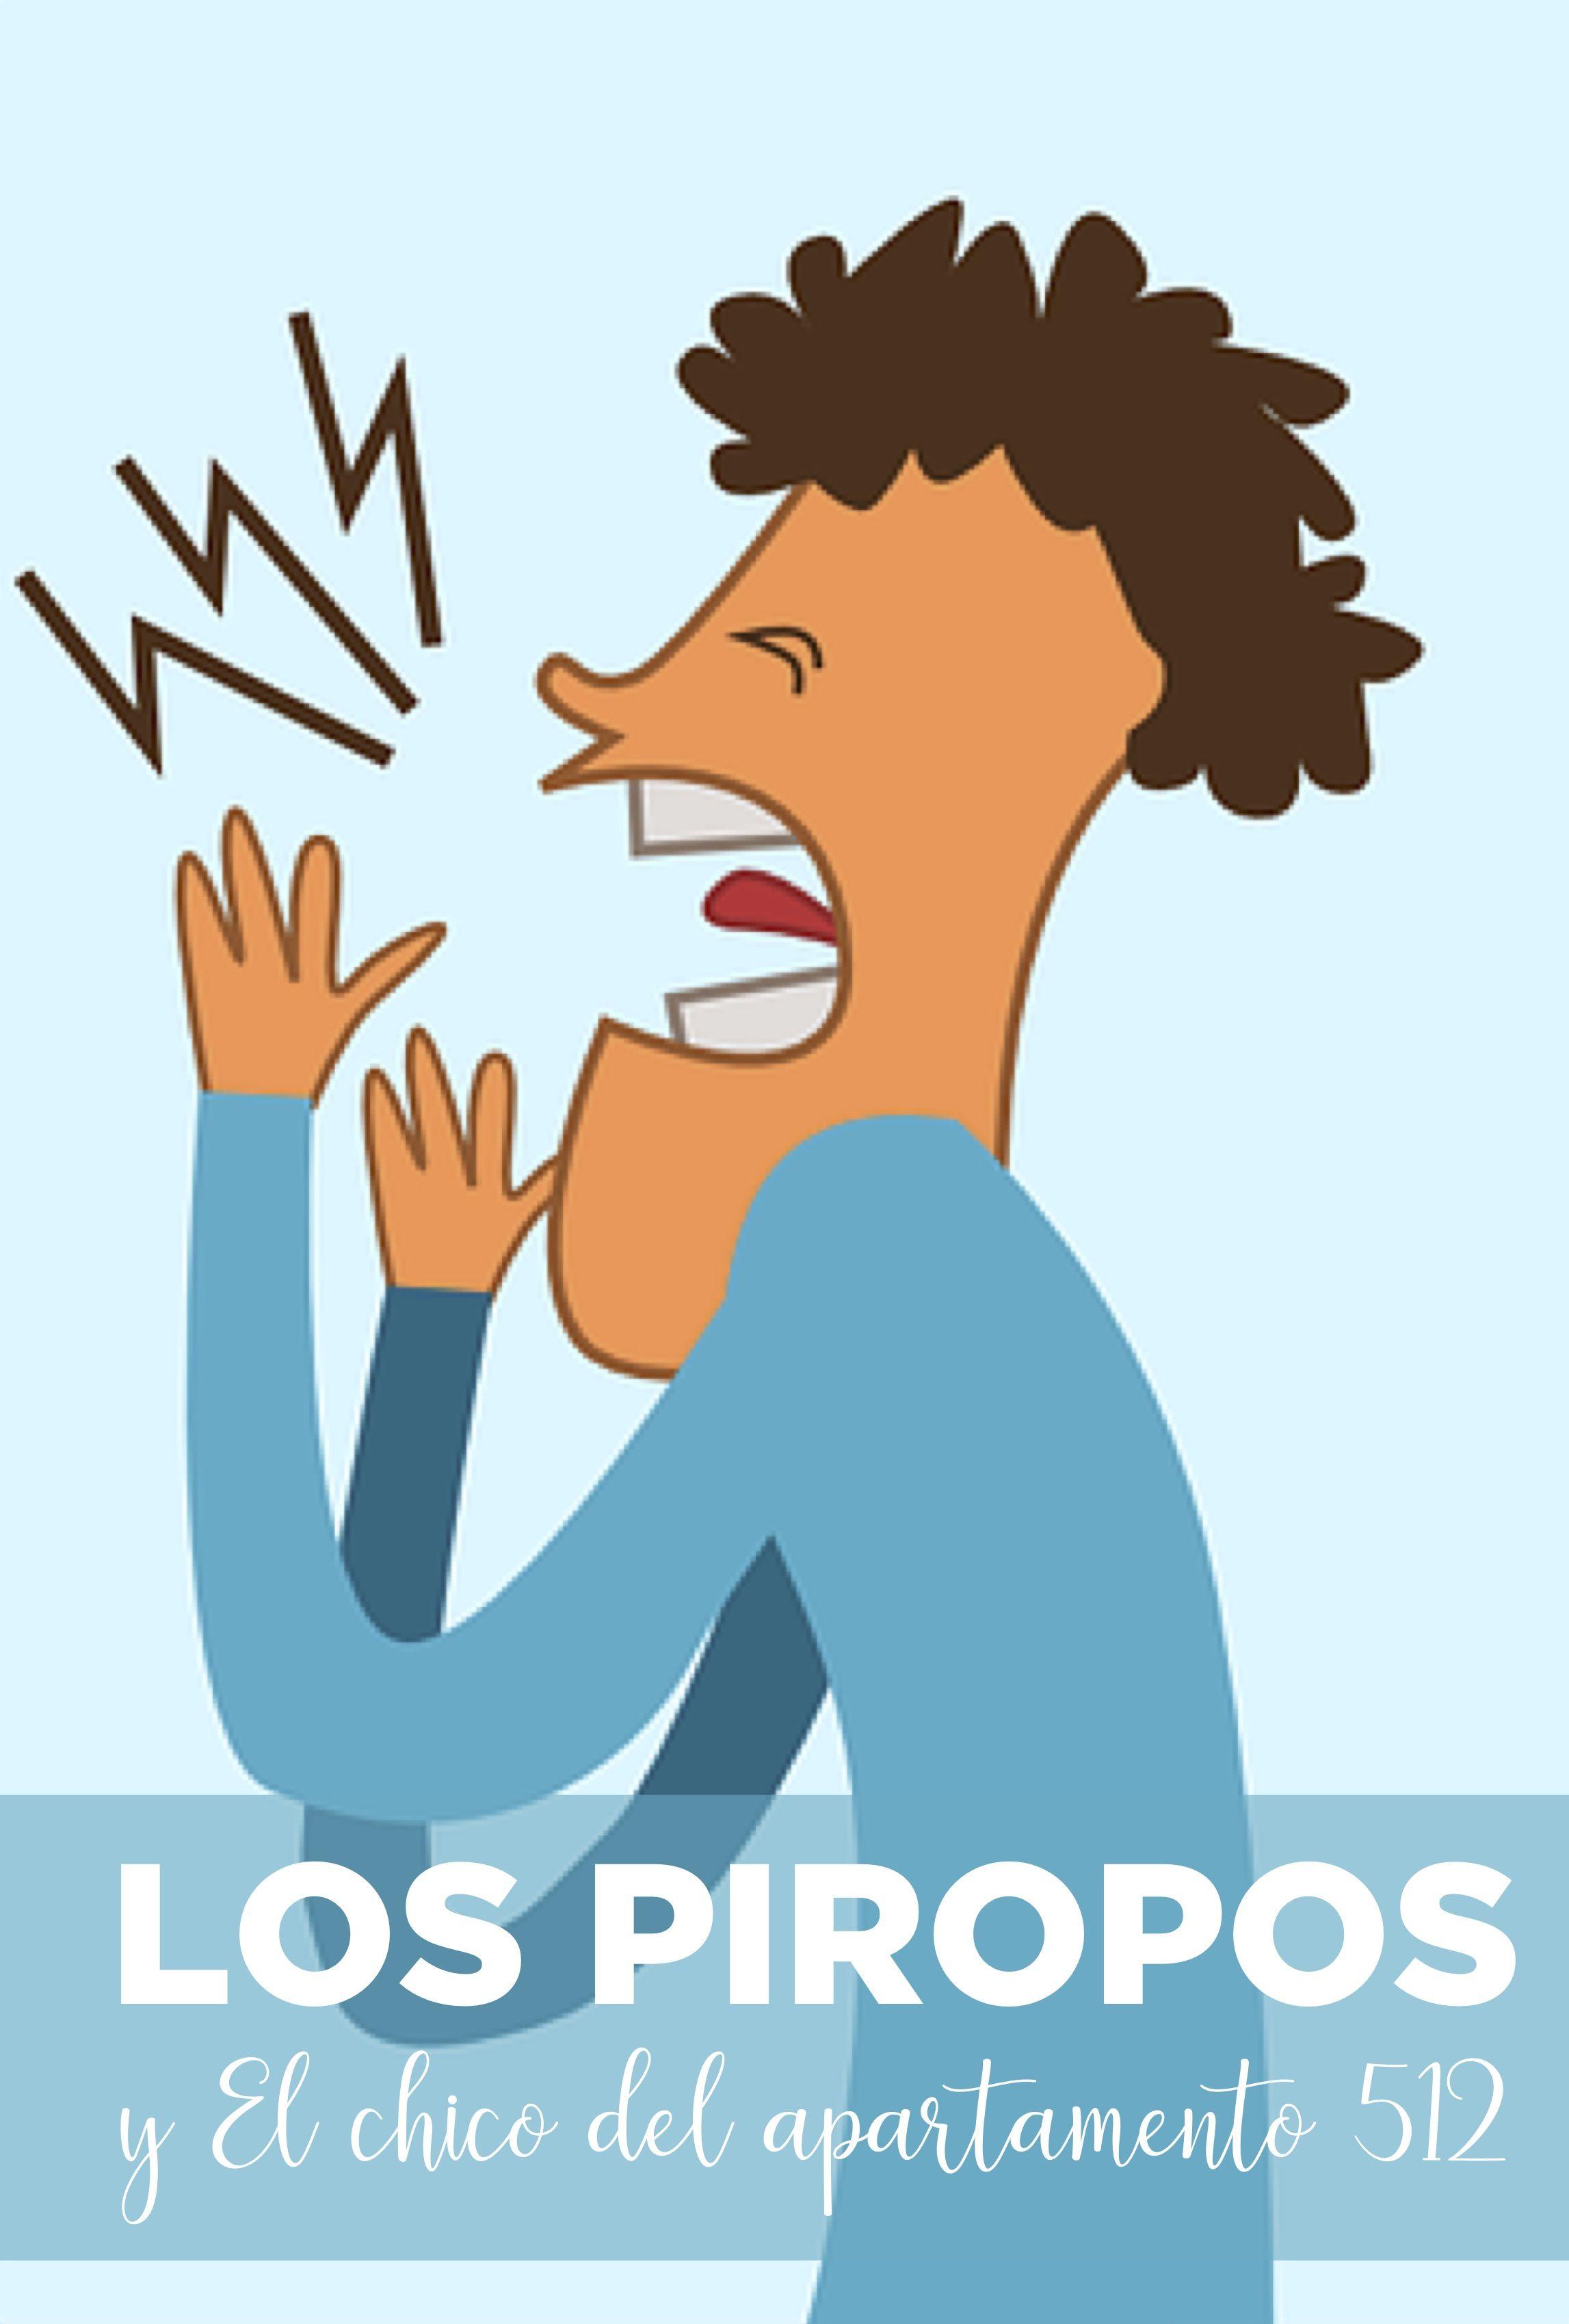 SOMOS Spanish 1 Unit 13: Los piropos and El chico del